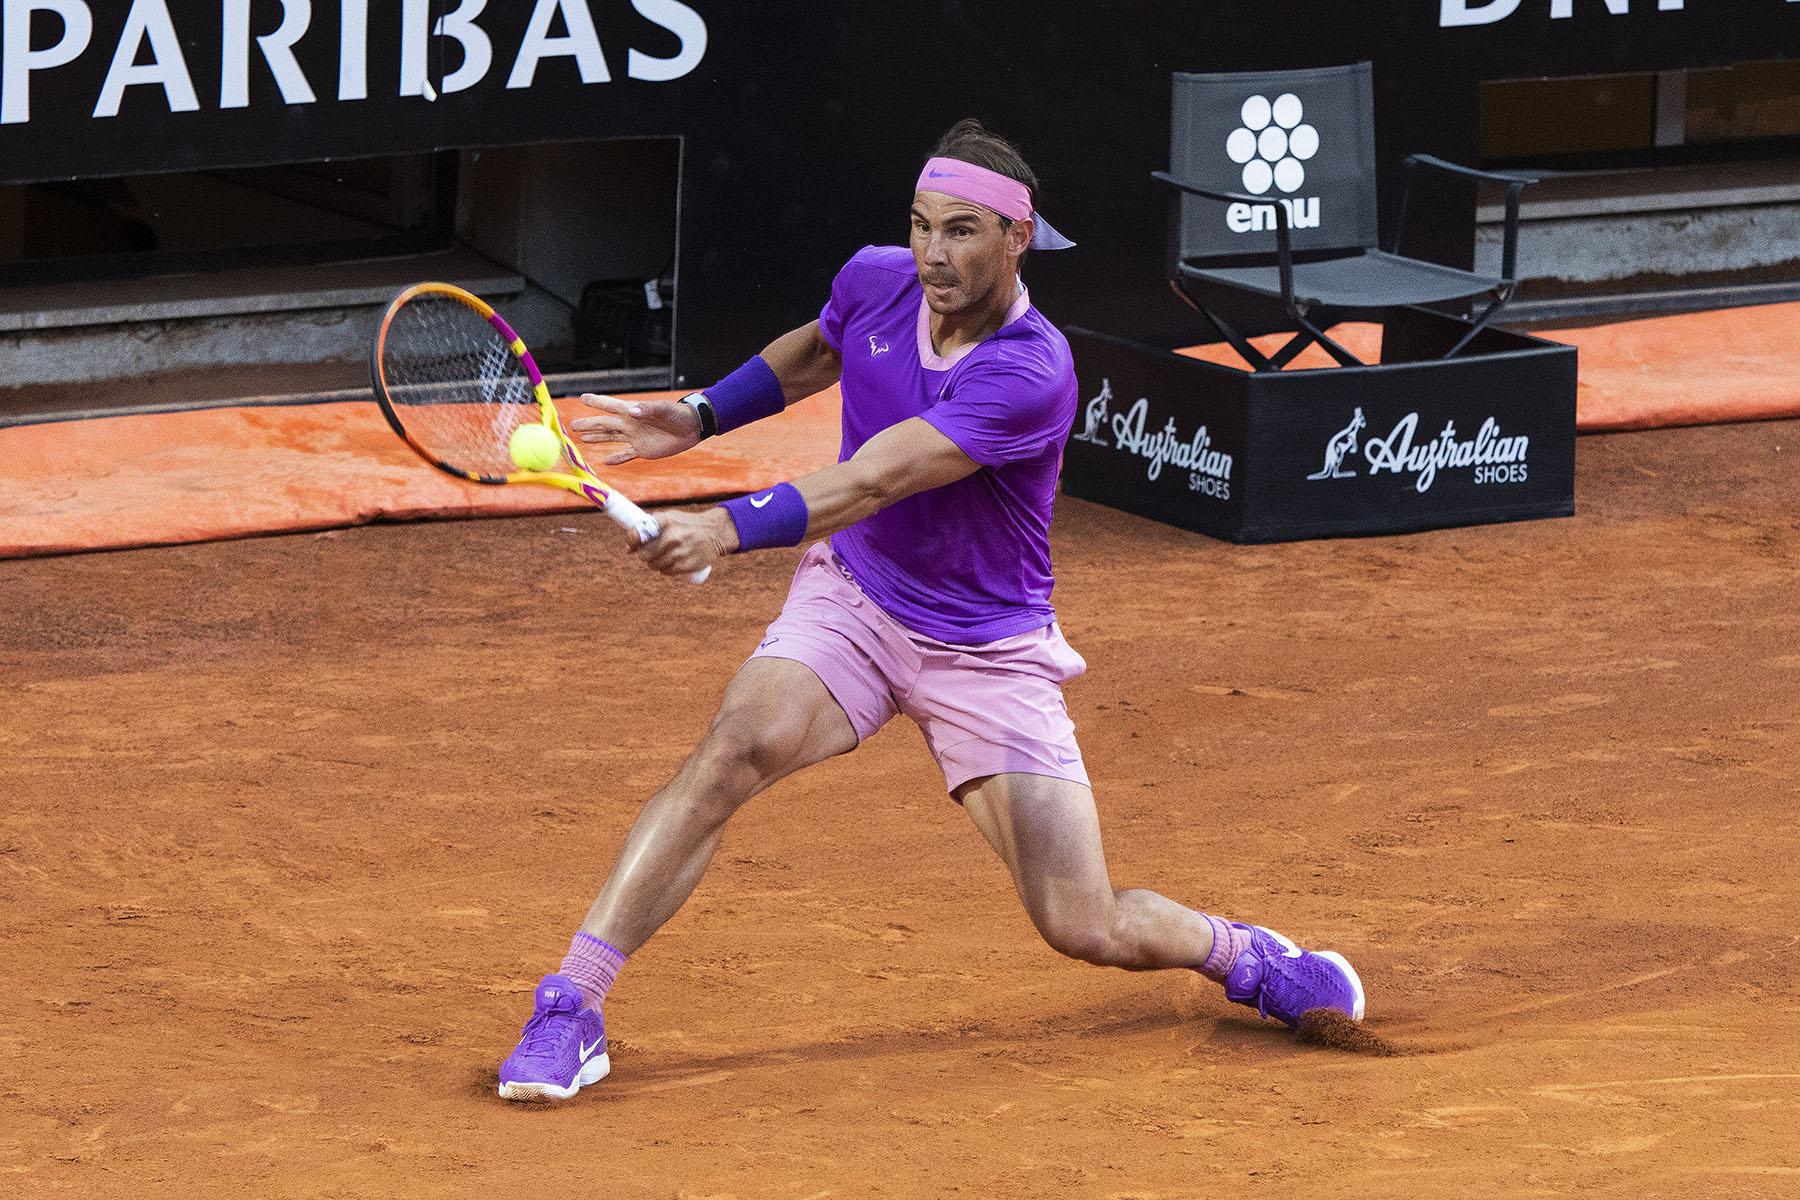 Tennis Internazionali: Nadal conquista la décima: cronaca della partita